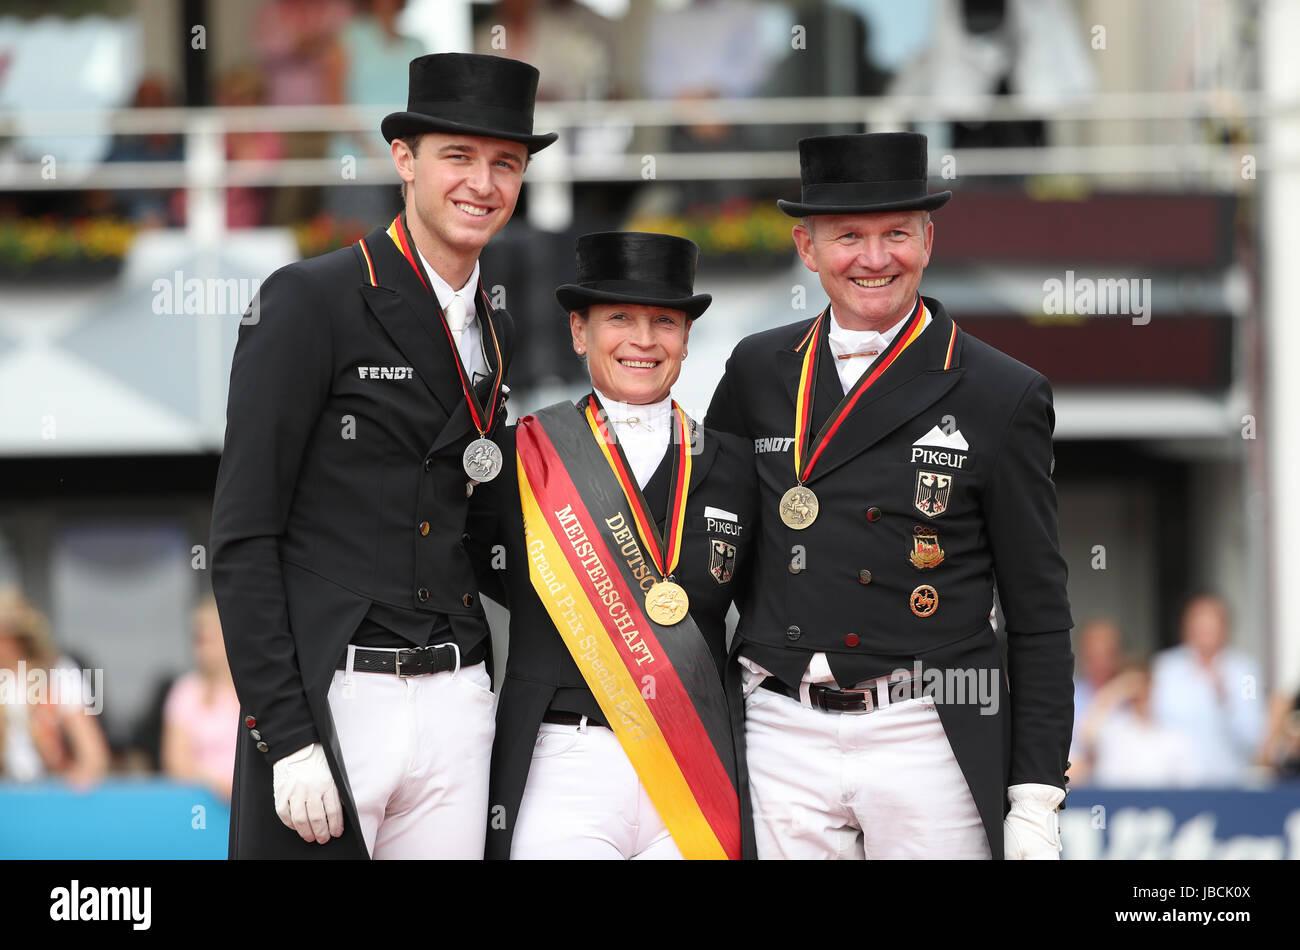 Dressurreiterin Sönke Rothenberger (l, Silber) und Hubertus Schmidt ...